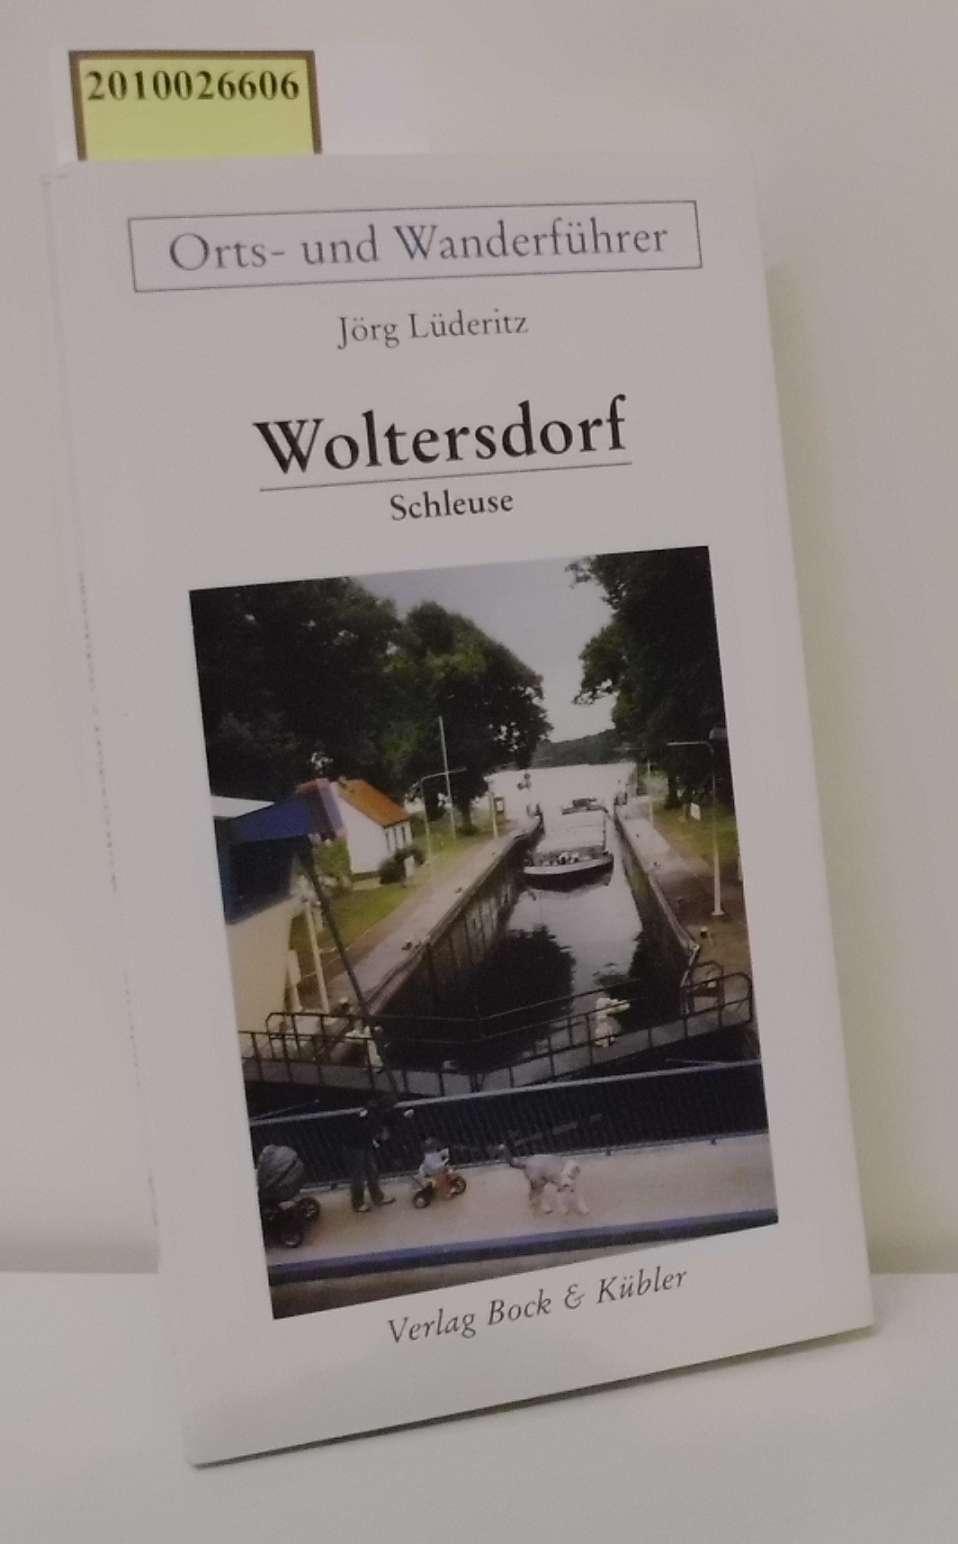 Woltersdorf, Schleuse und Umgebung mit Erkner - Schöneiche - Rüdersdorf - Grünheide (Mark)